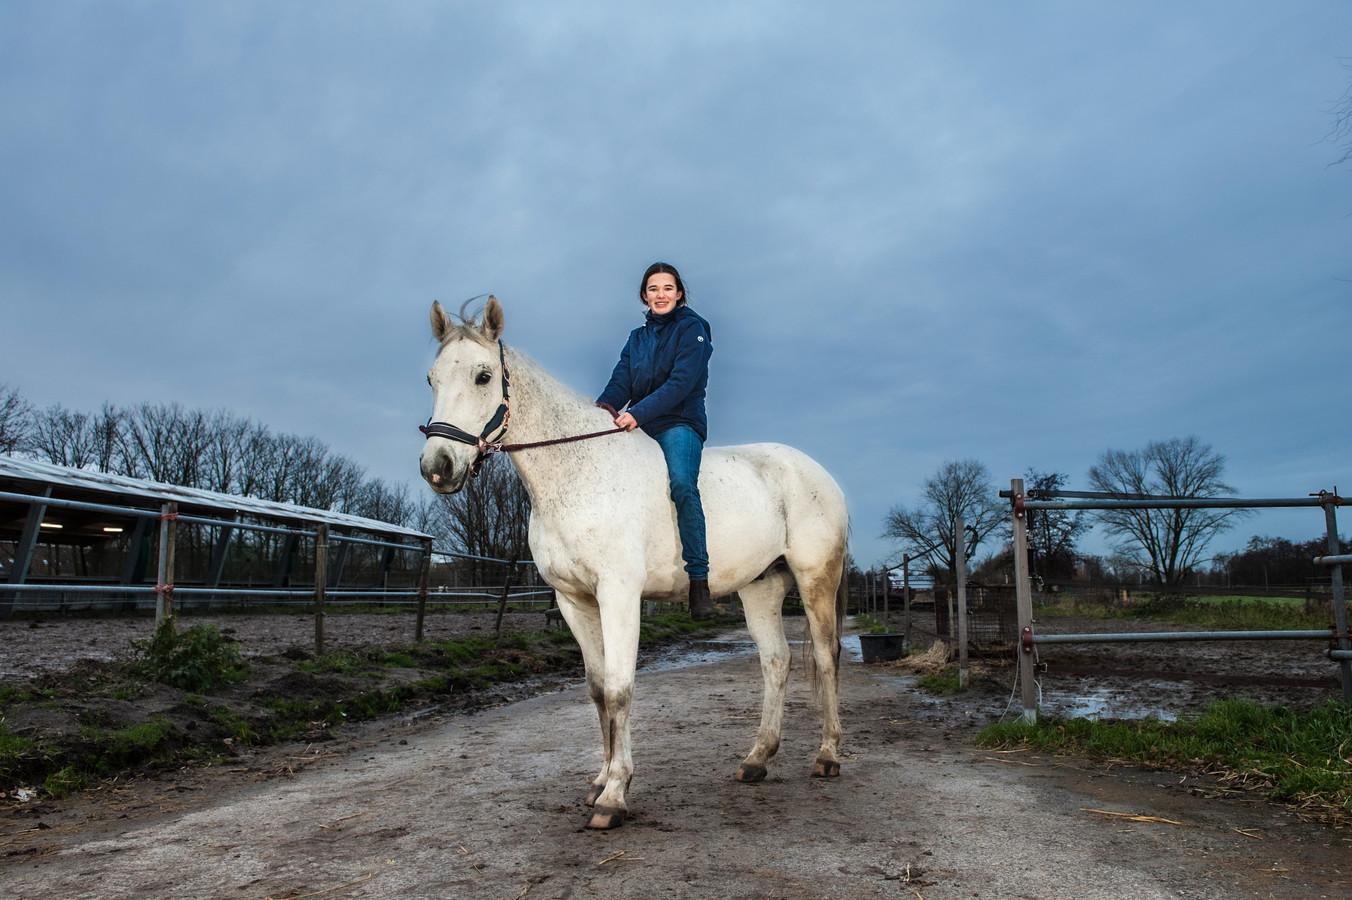 Gouda, Myrthe de Pont viel afgelopen zondag met haar pony Blitz in de sloot. Met maar liefst 16 hulpverleners kregen ze de pony weer op het droge. Myrthe nog even zonder cap en zadel op Blitz, die waren nog niet droog na de plons.